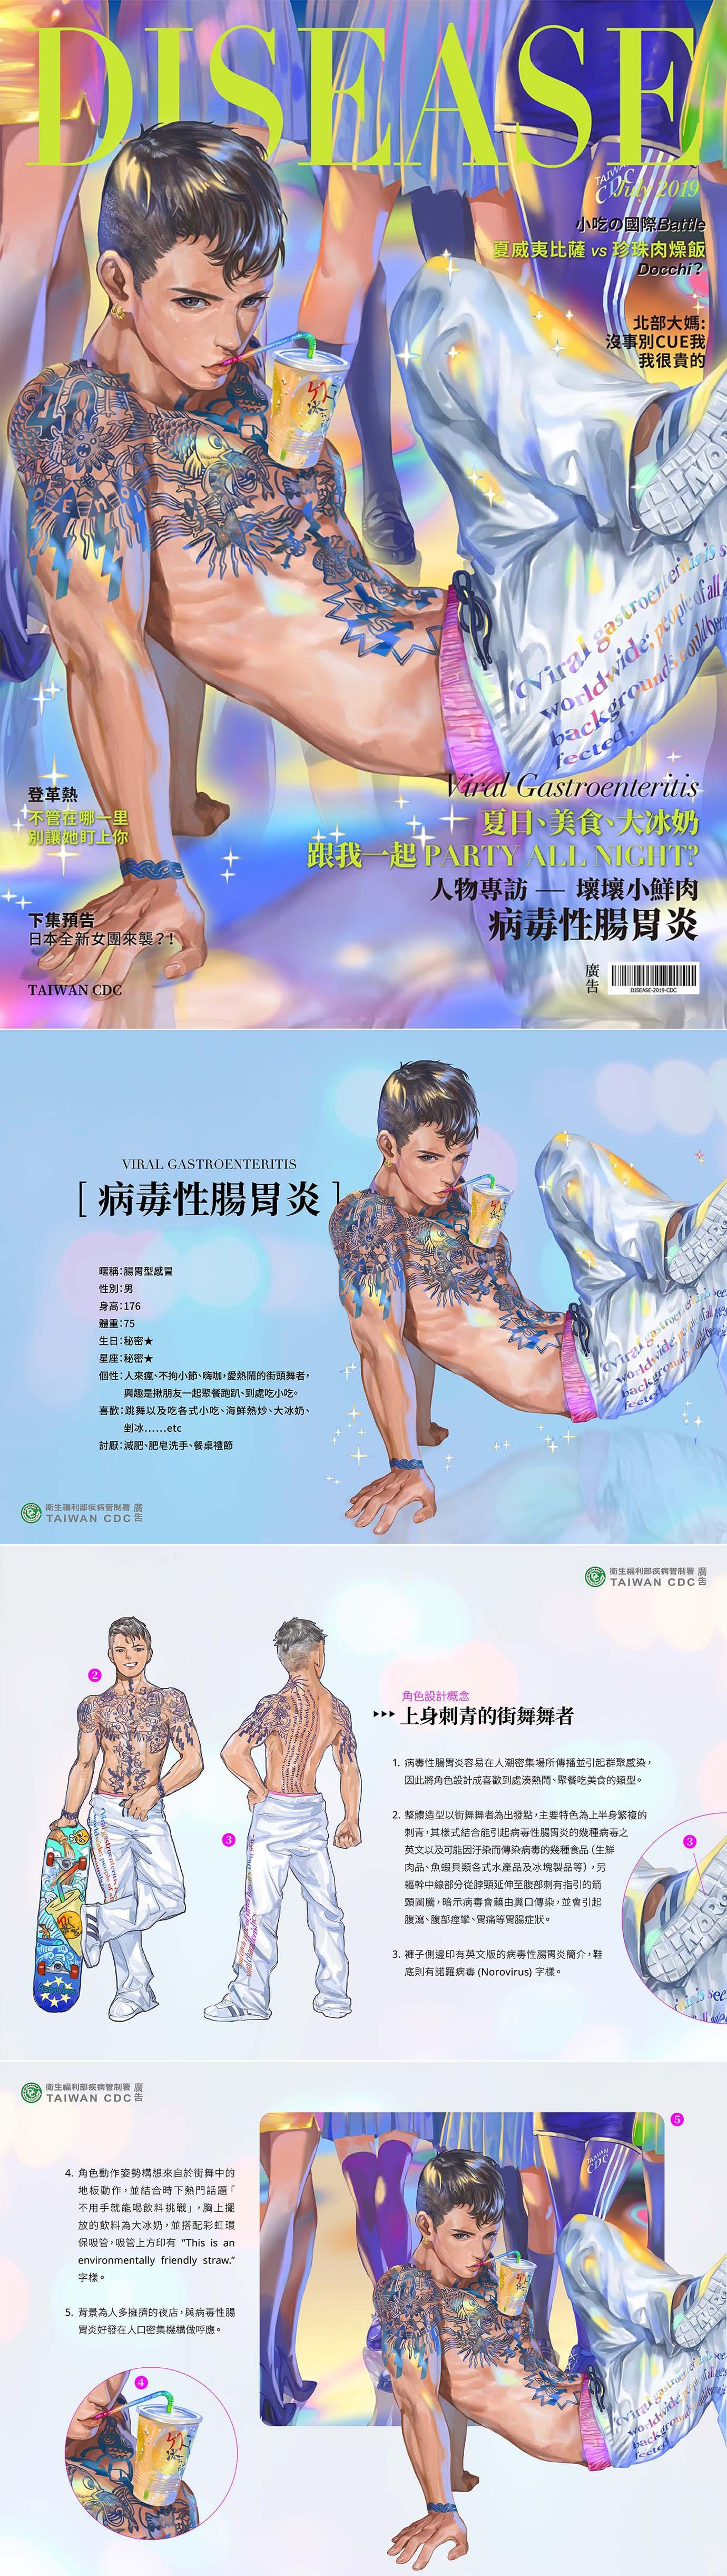 taiwan-disease2